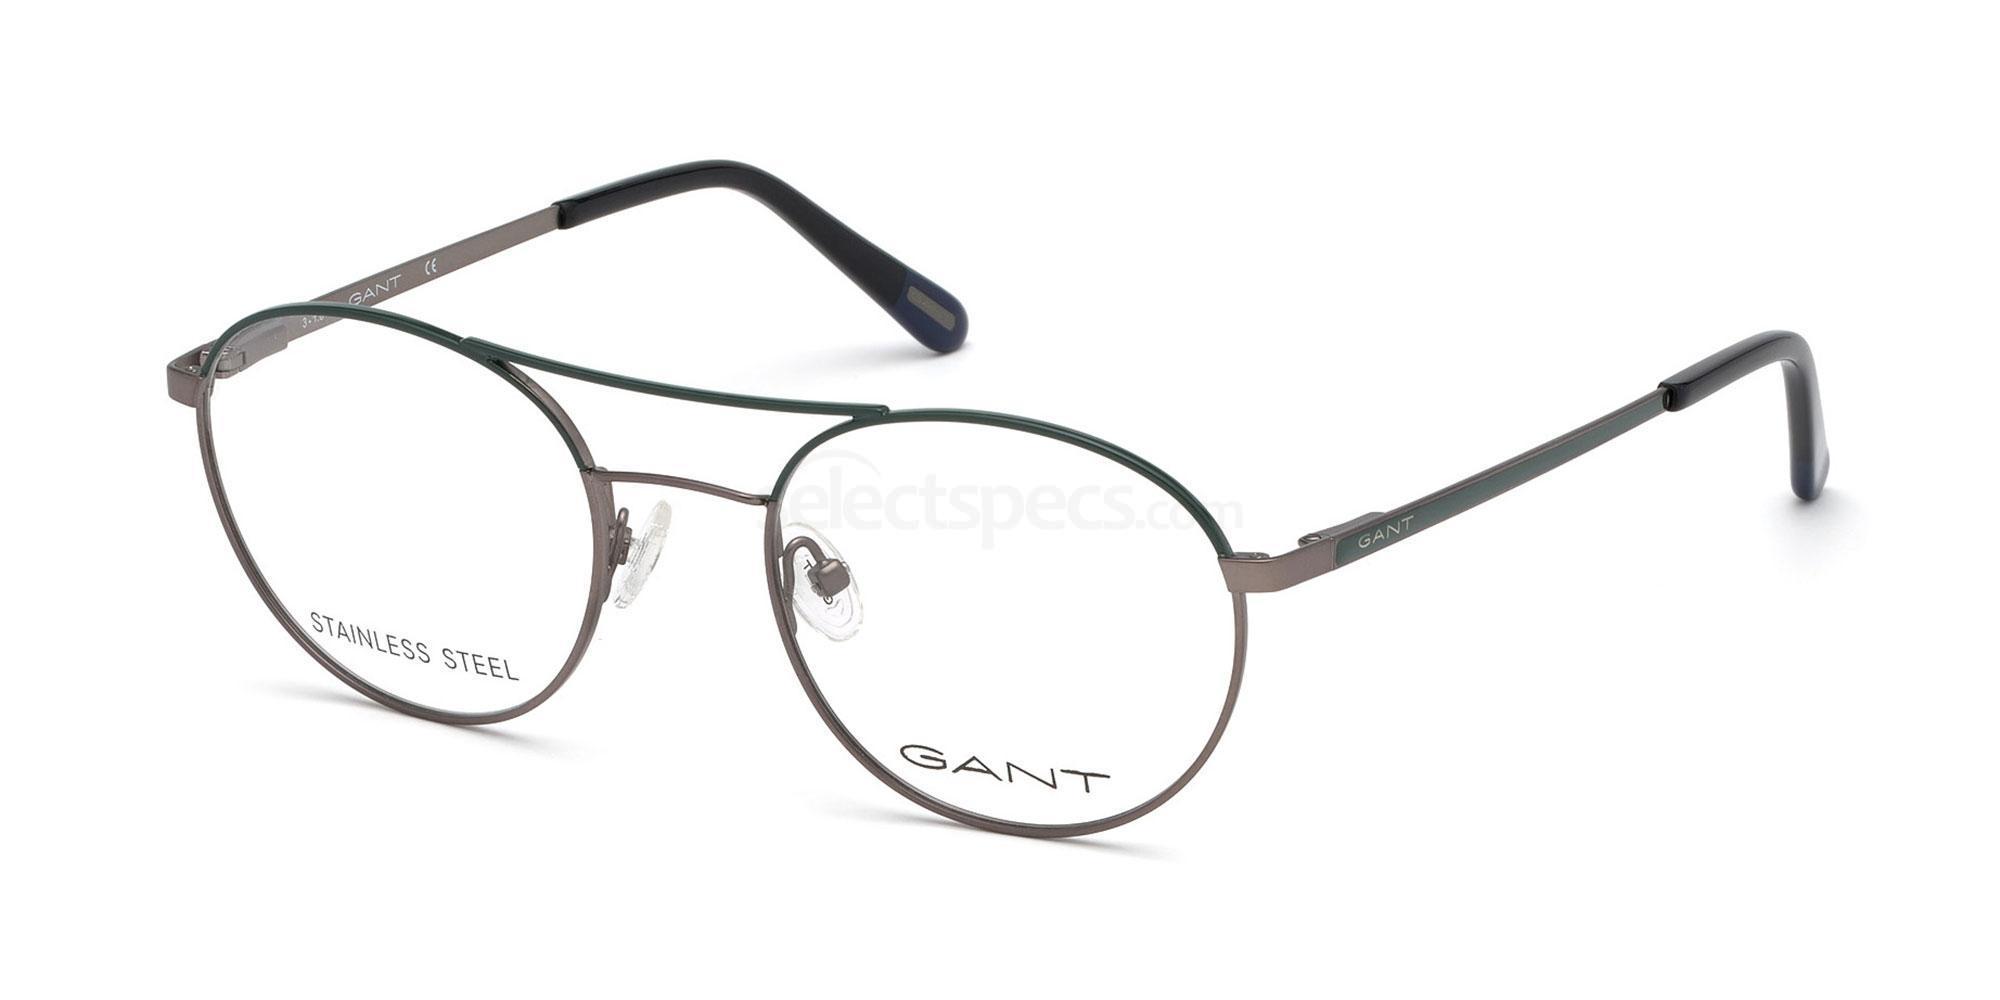 009 GA3182 Glasses, Gant